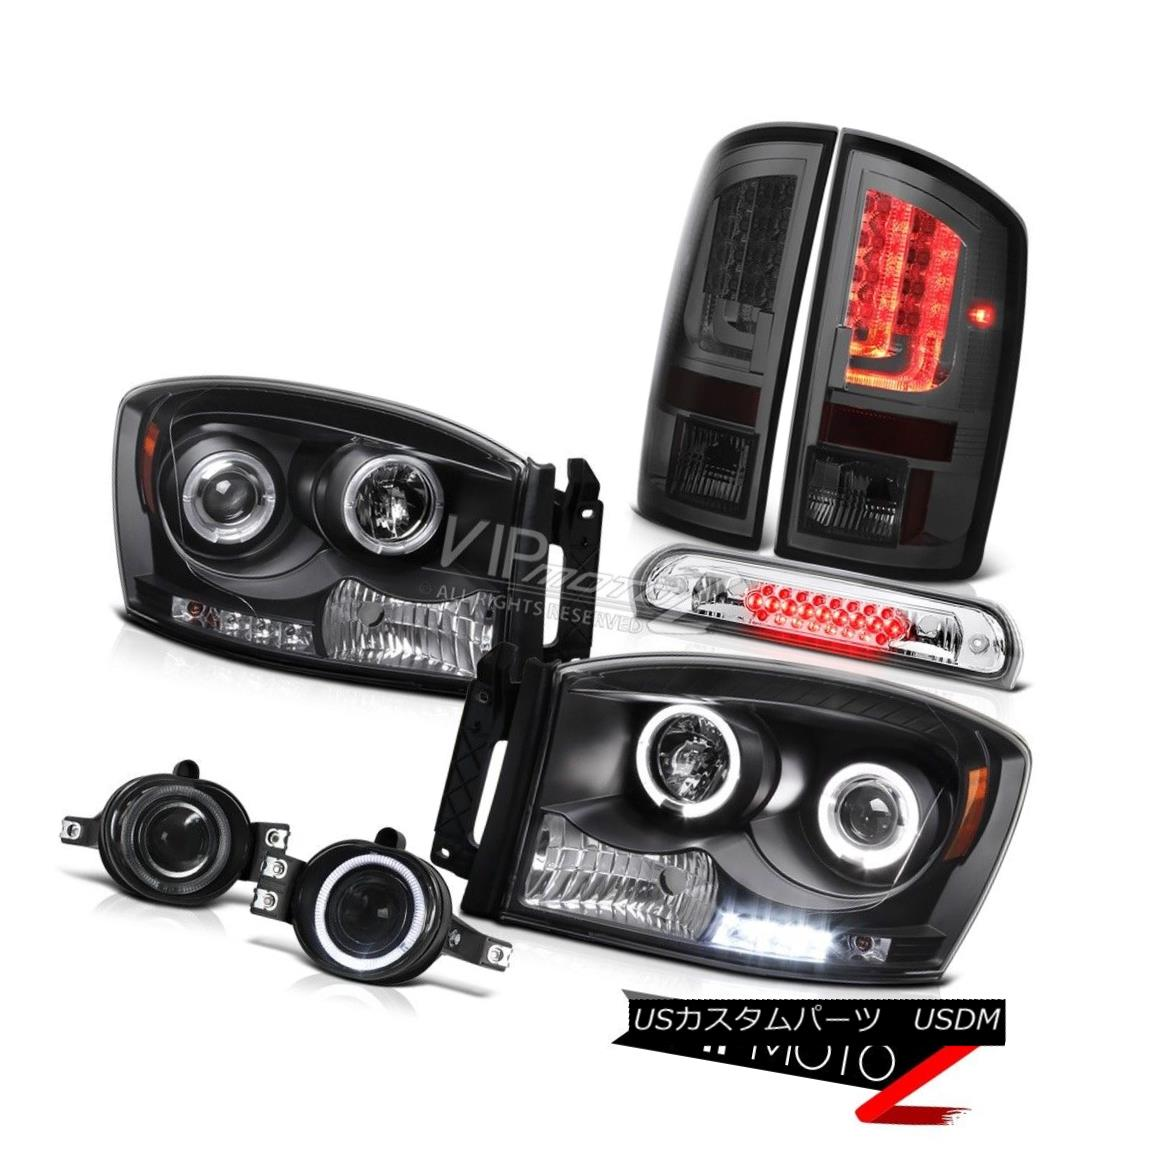 ヘッドライト 2006 Ram ST Tail Lights Matte Black Headlamps Fog 3RD Brake Light